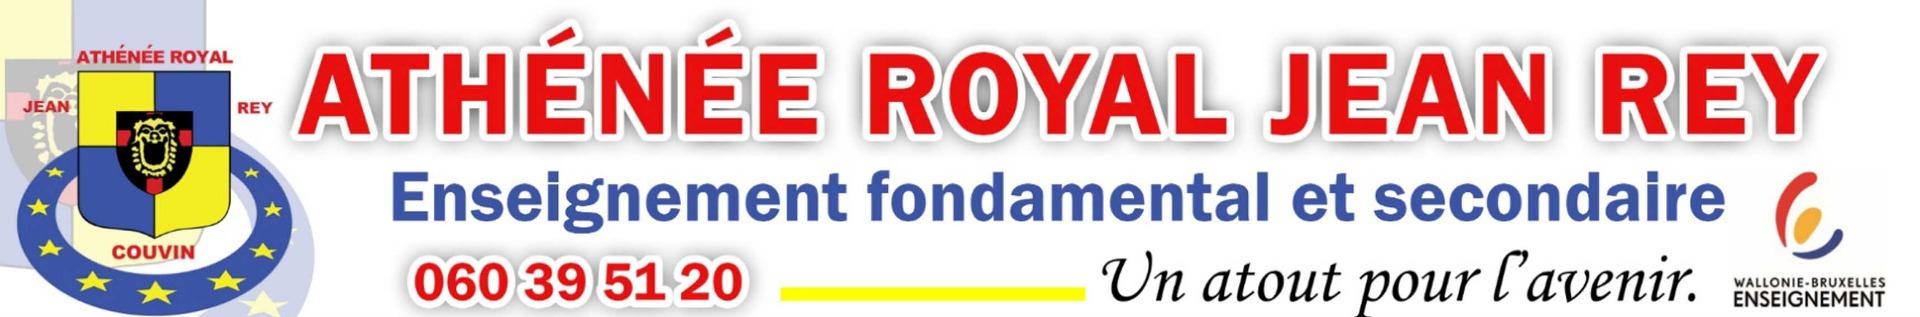 Athénée Royal Jean Rey